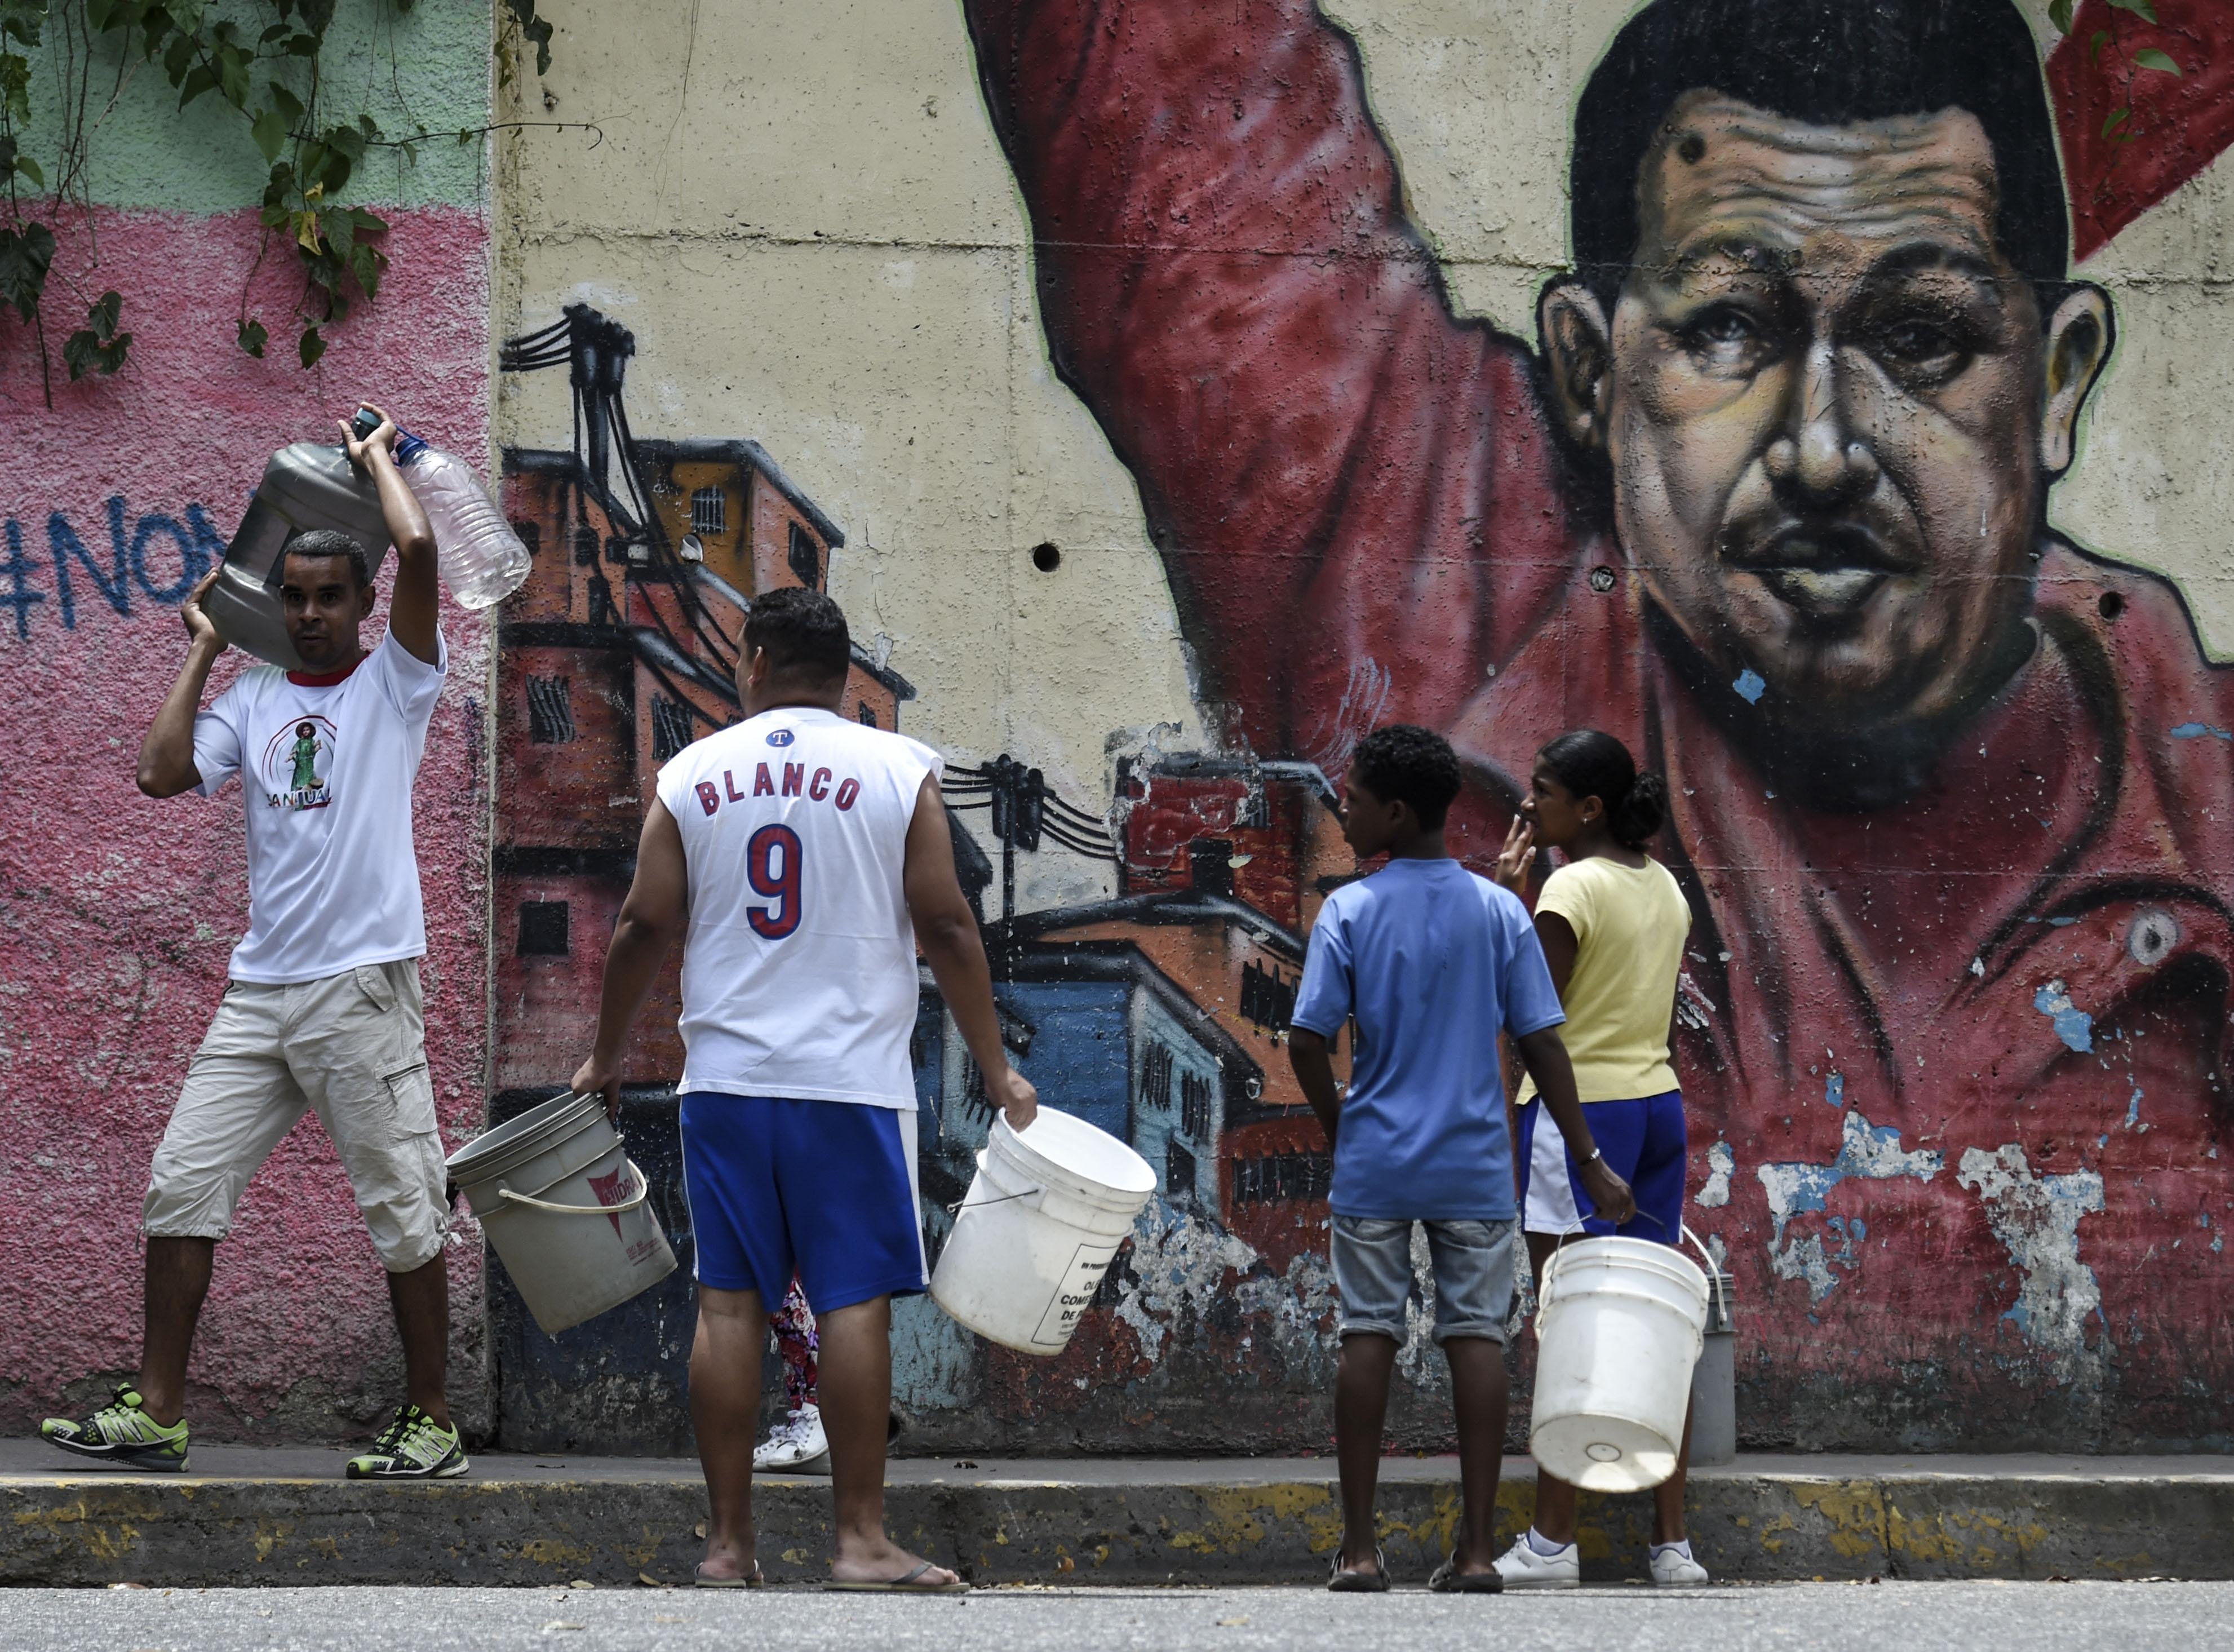 Una imagen del caudillo Hugo Chávez permanece pintada en la zona, mientras ciudadanos acuden con baldes para conseguir agua en las condiciones que sea